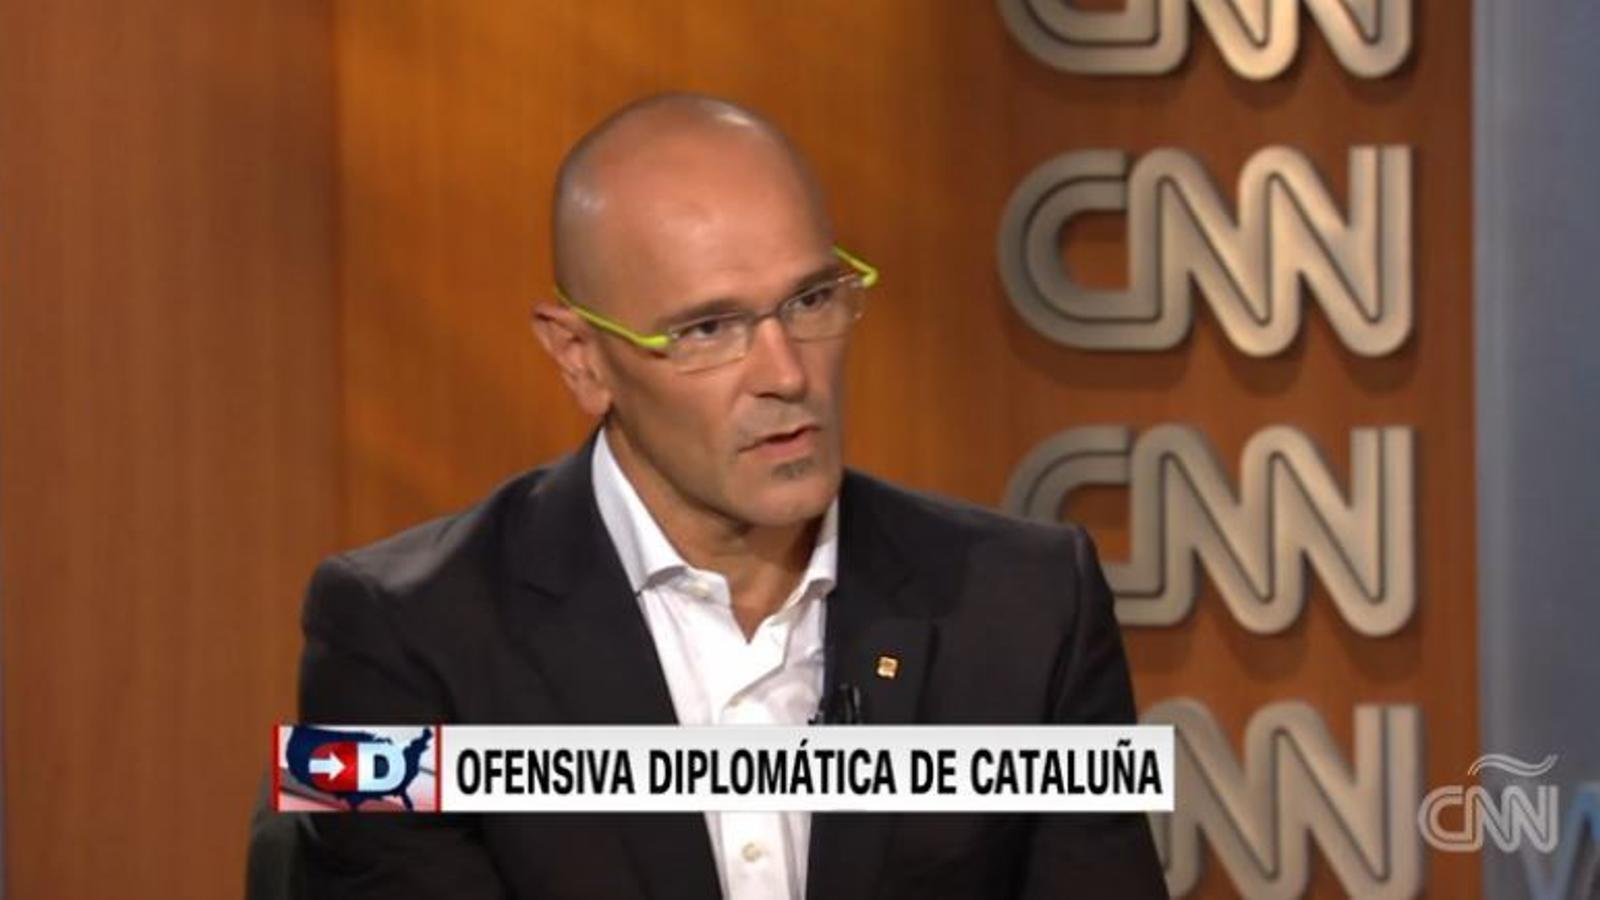 Entrevista de l'edició espanyola de la CNN al conseller Romeva